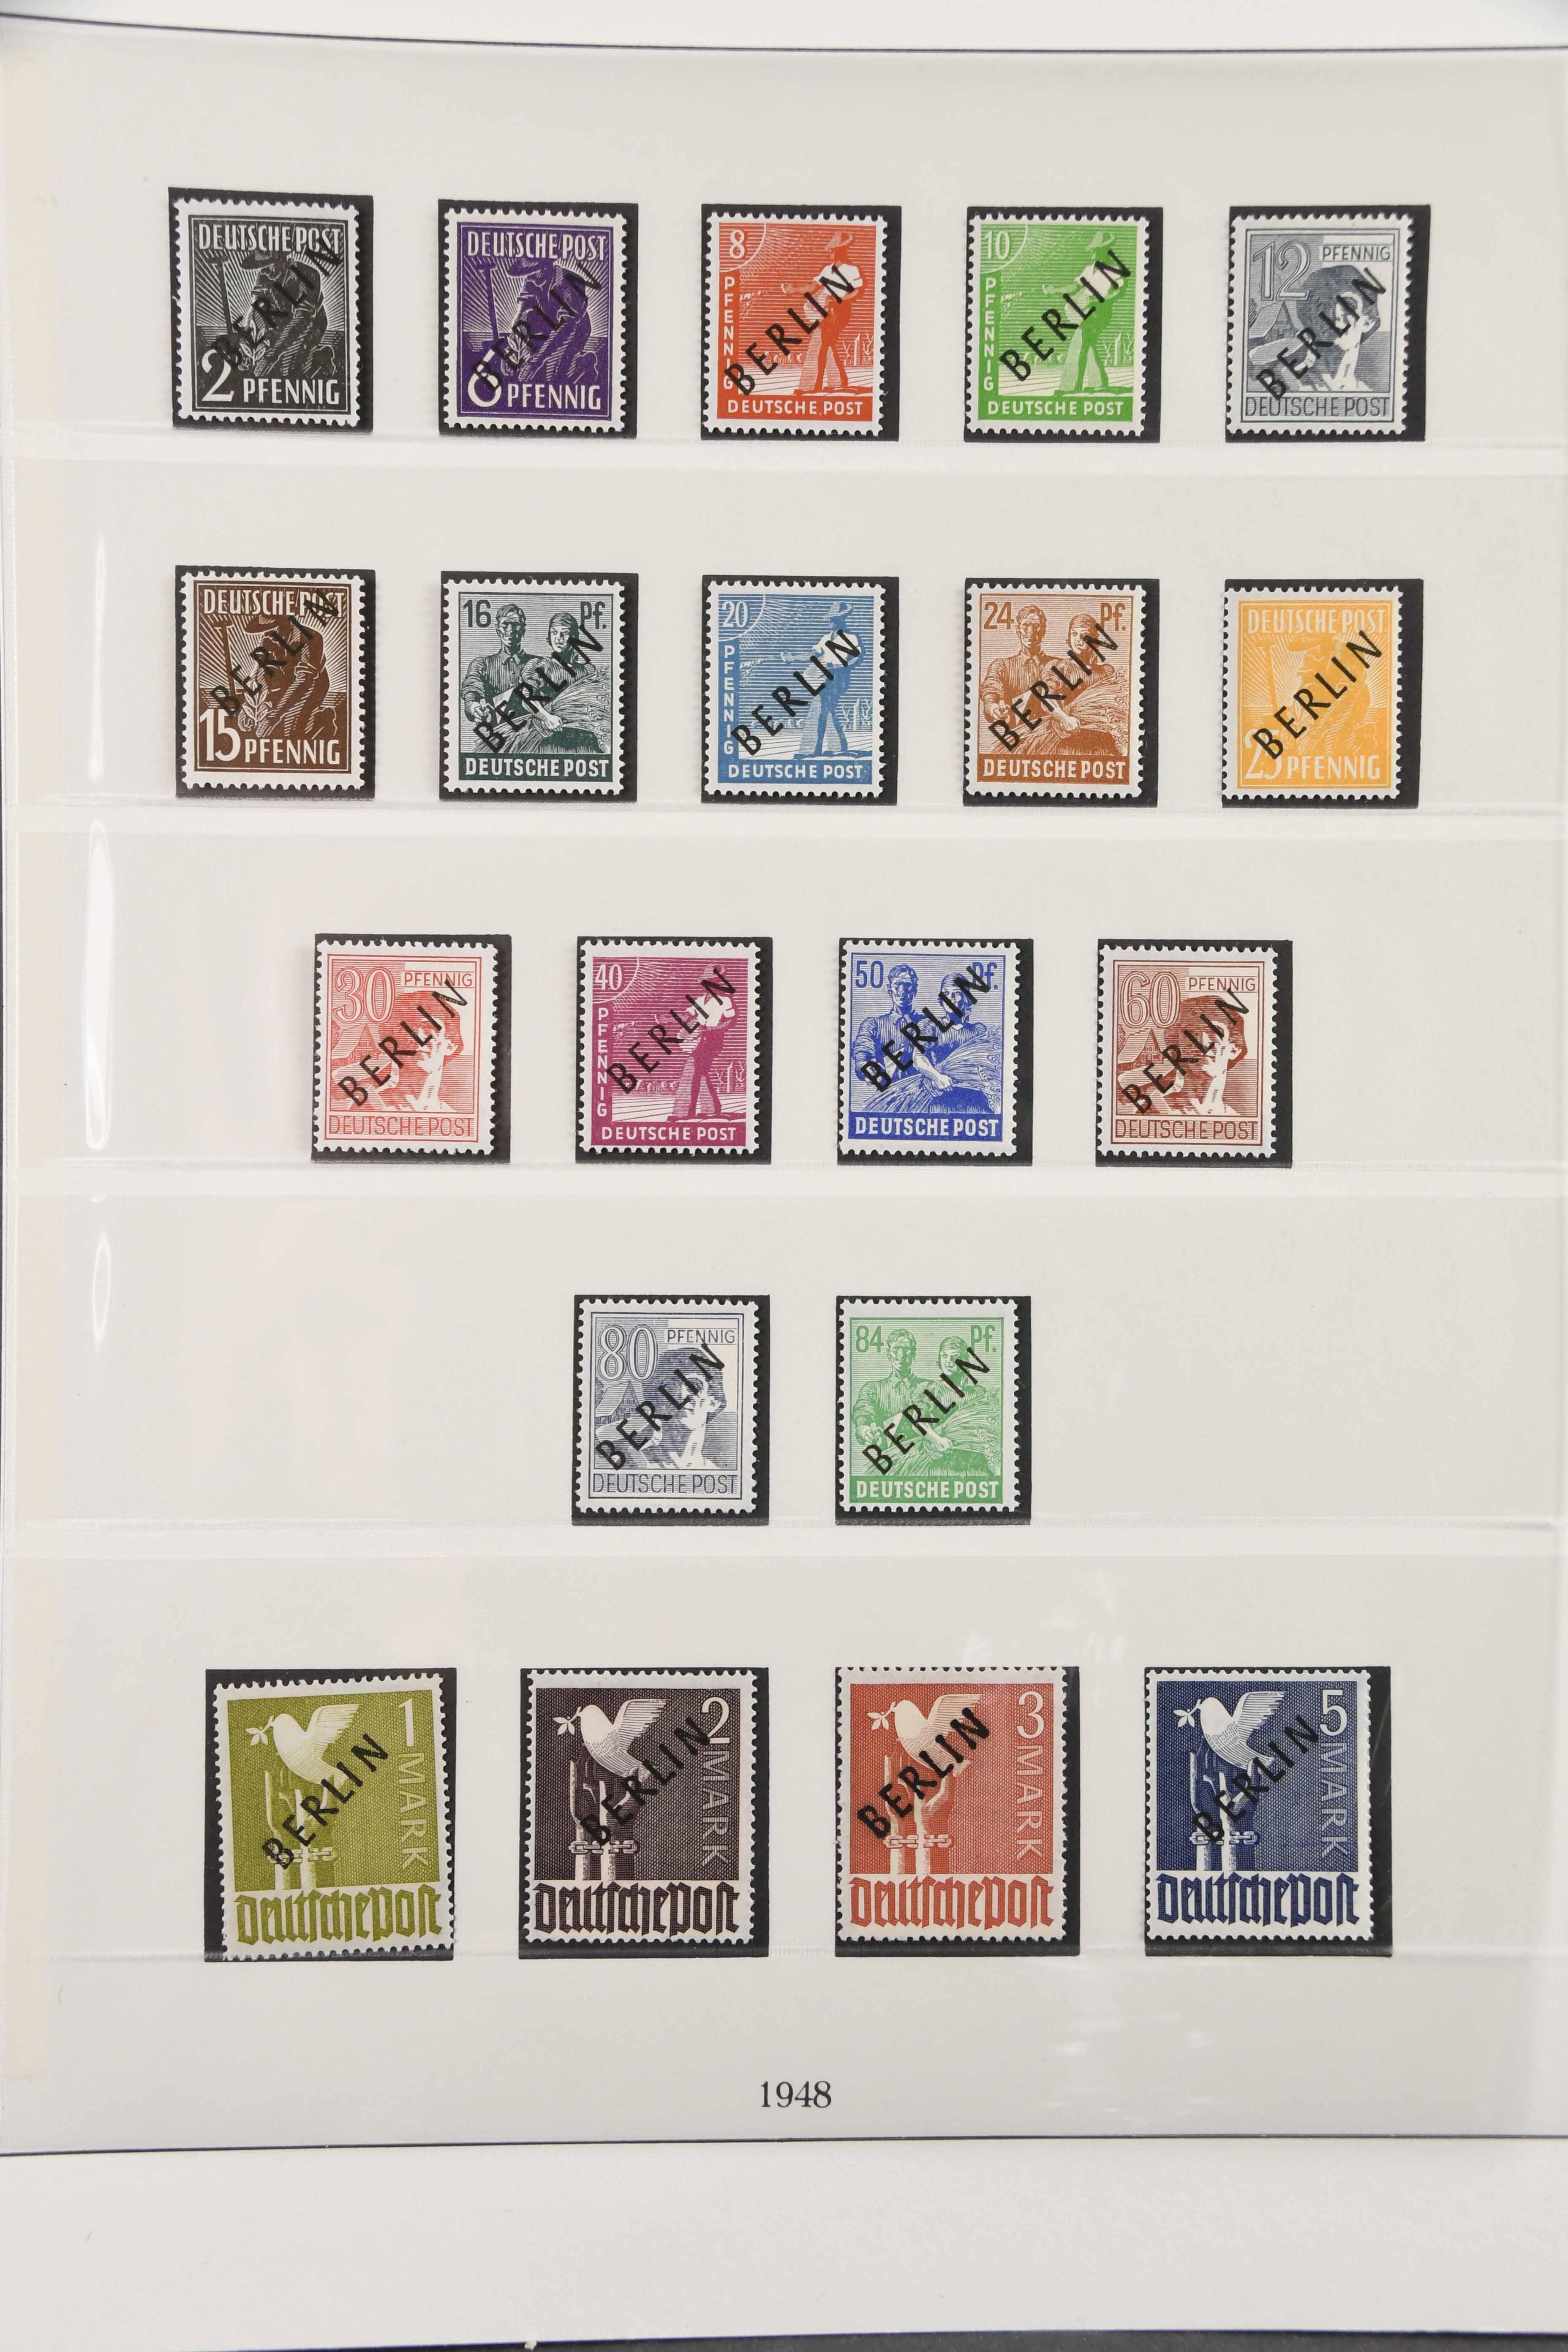 Lot 5536 - Deutschland nach 1945_Allgemein S -  Auktionshaus Ulrich Felzmann GmbH & Co. KG Auction 170 International Autumn Auction 2020 Day 4